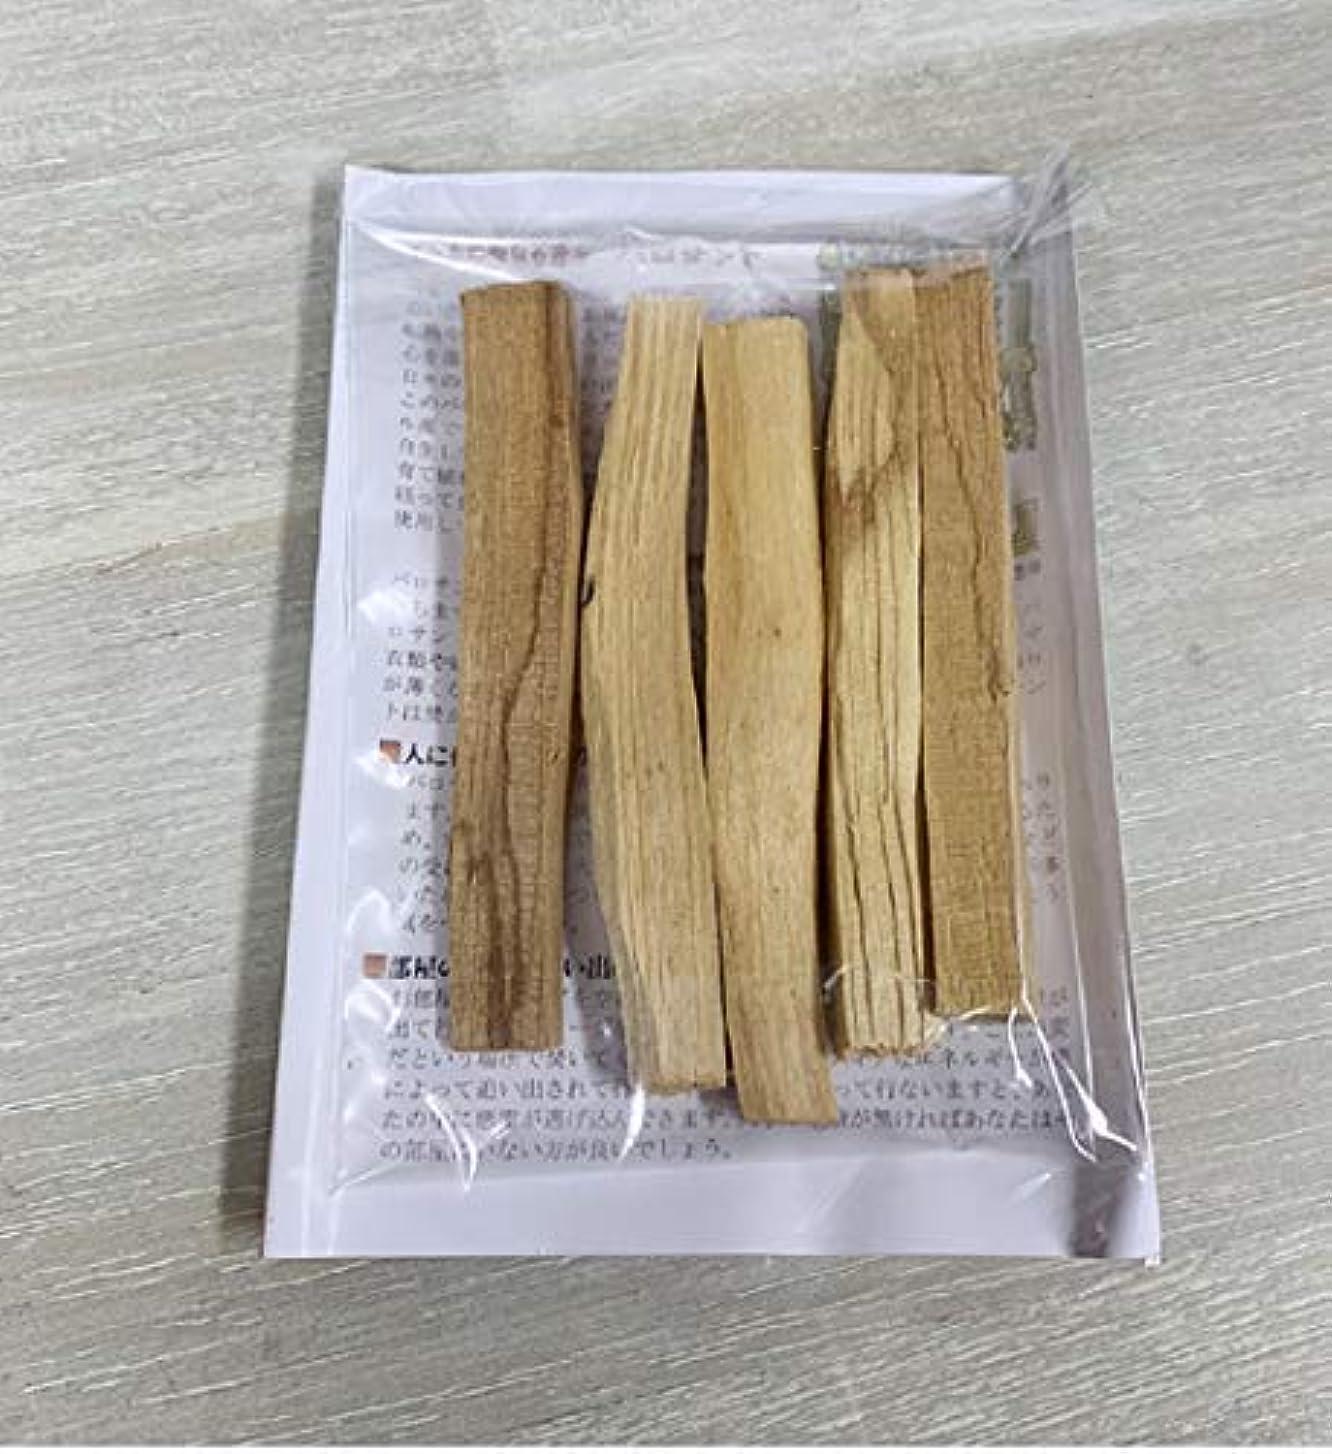 暖炉高度な麻痺させるパロサント 香木 30g インカ帝国 悪霊払い お香